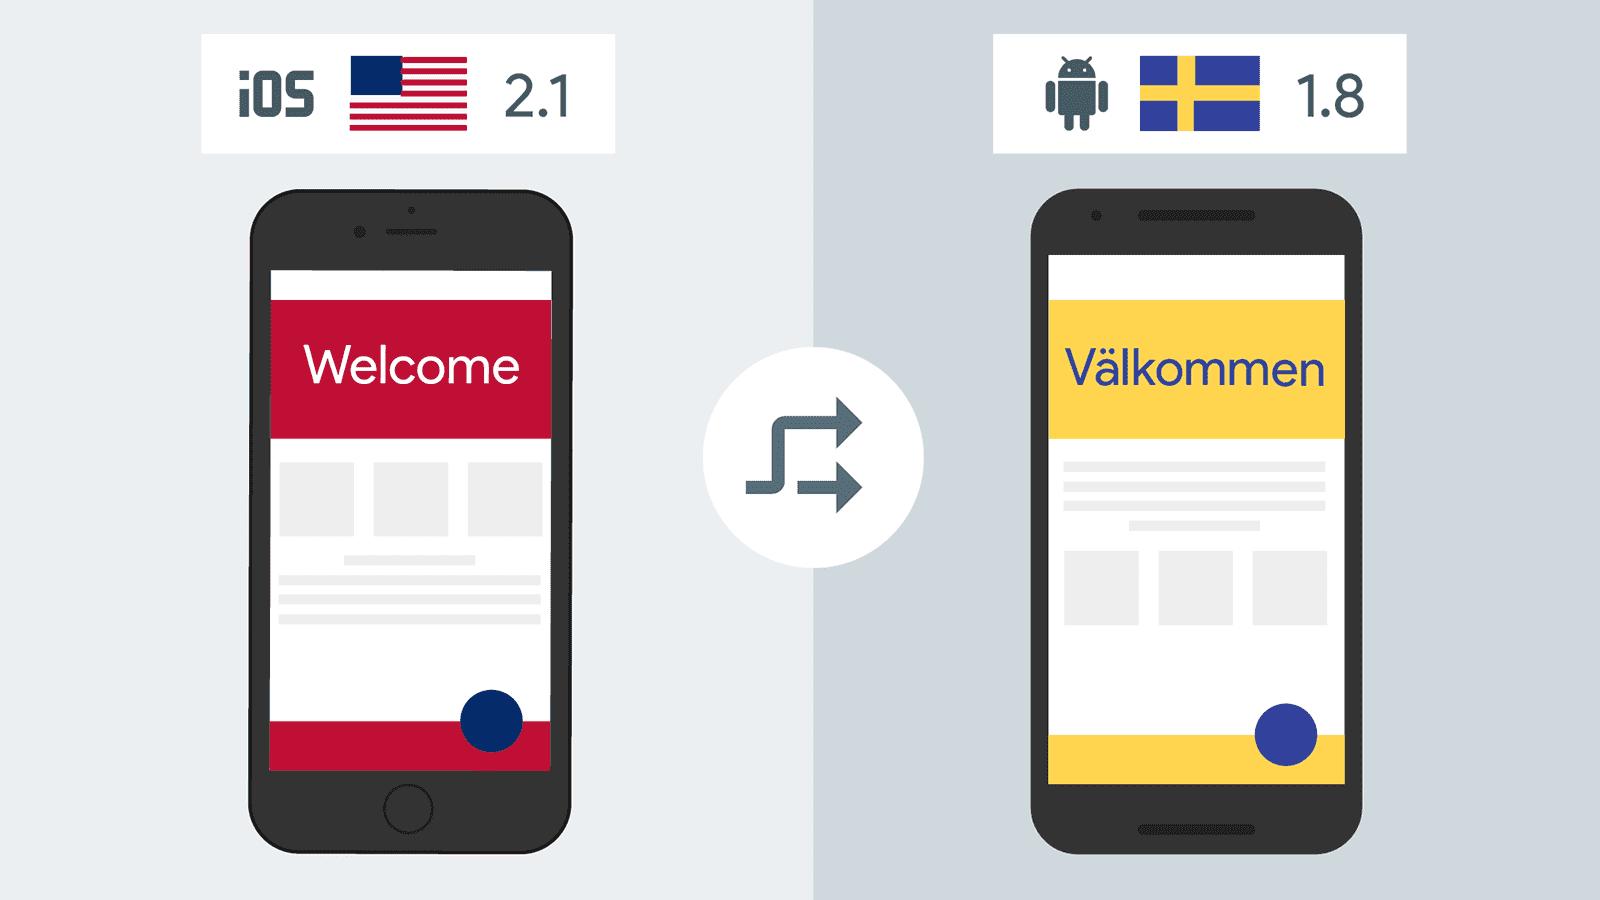 2 種類の言語の 2 台のスマートフォン